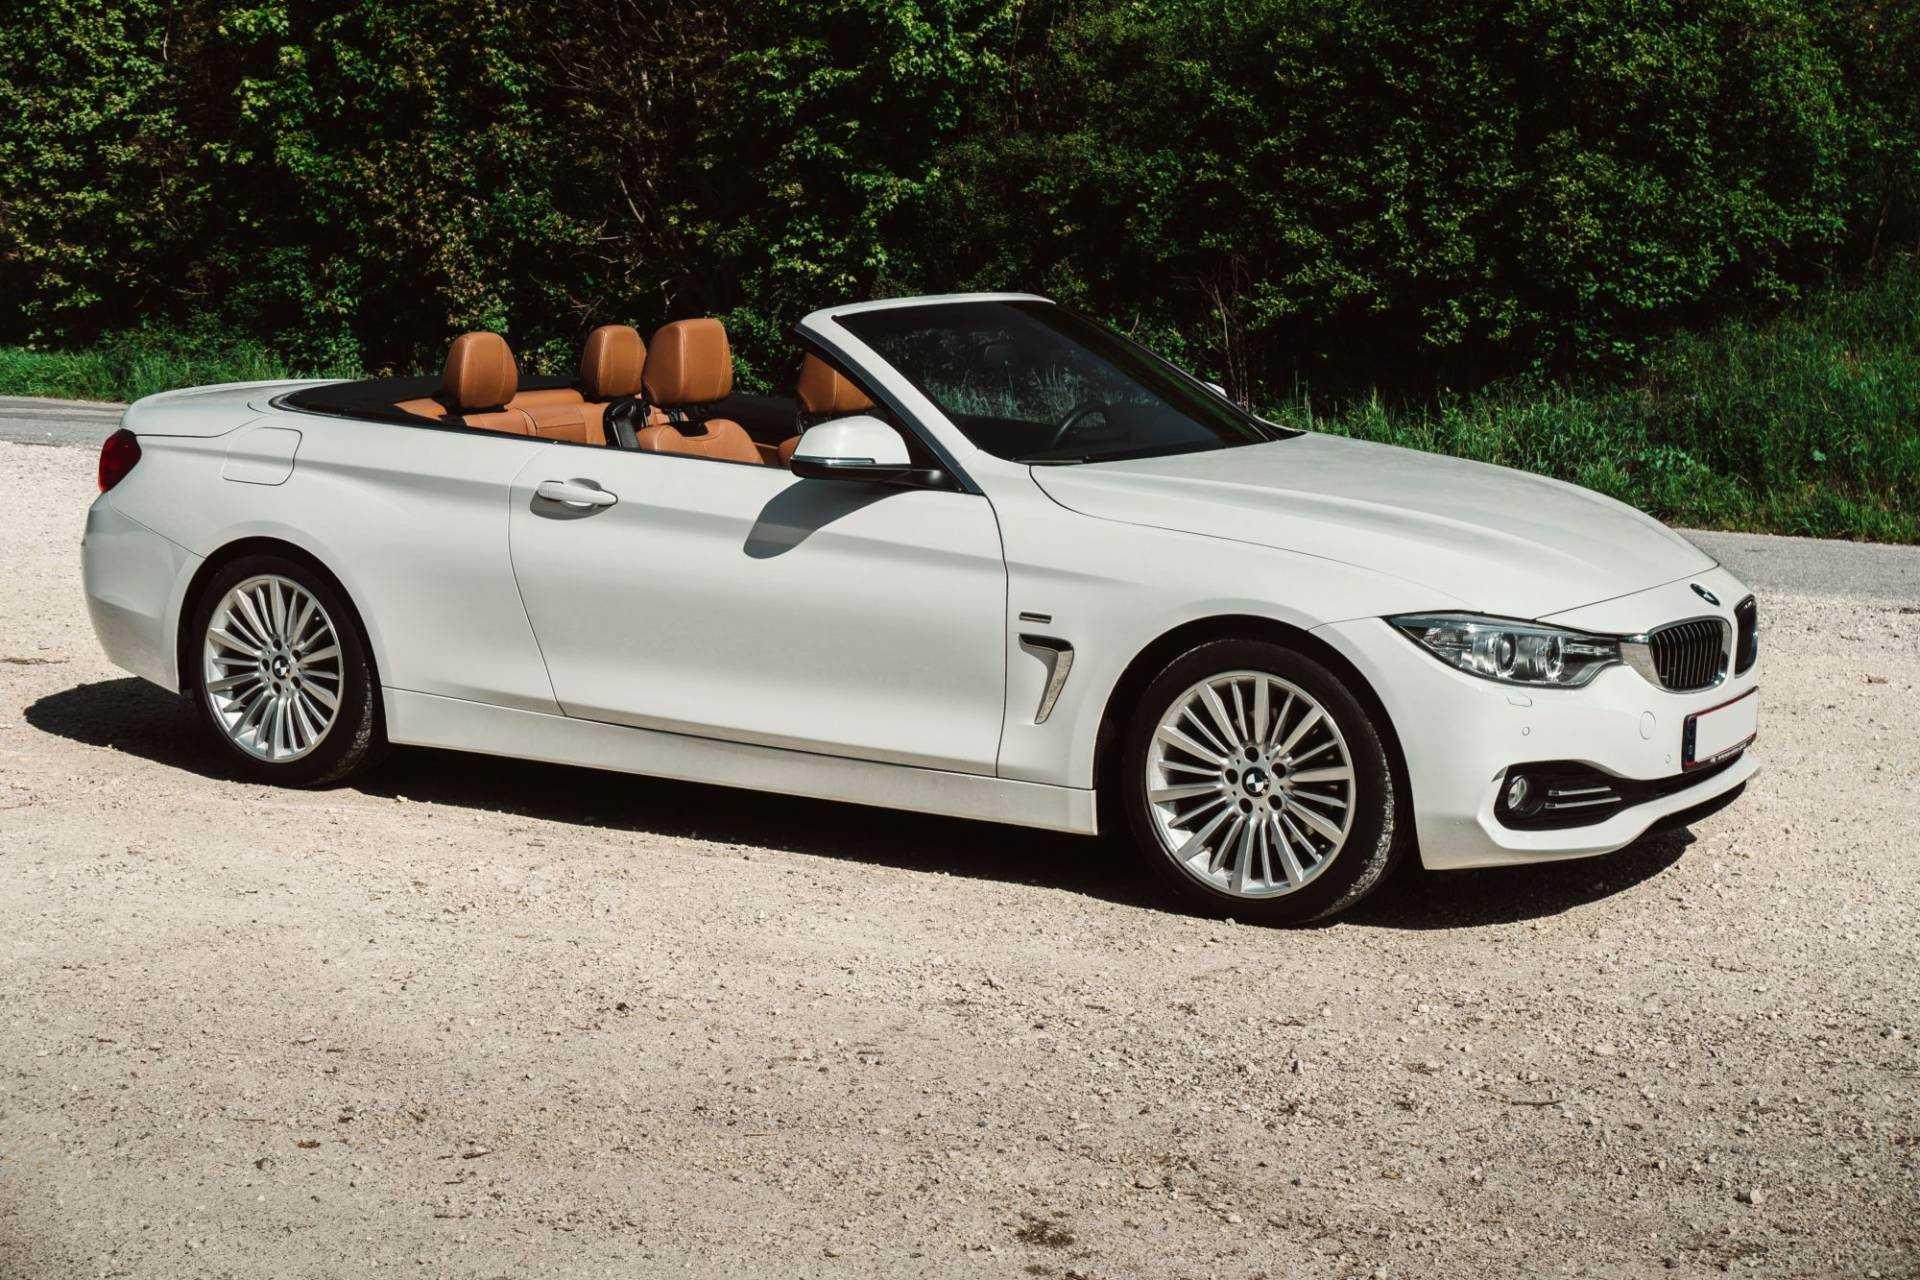 Авто из Германии в Испанию: как найти и растоможить?